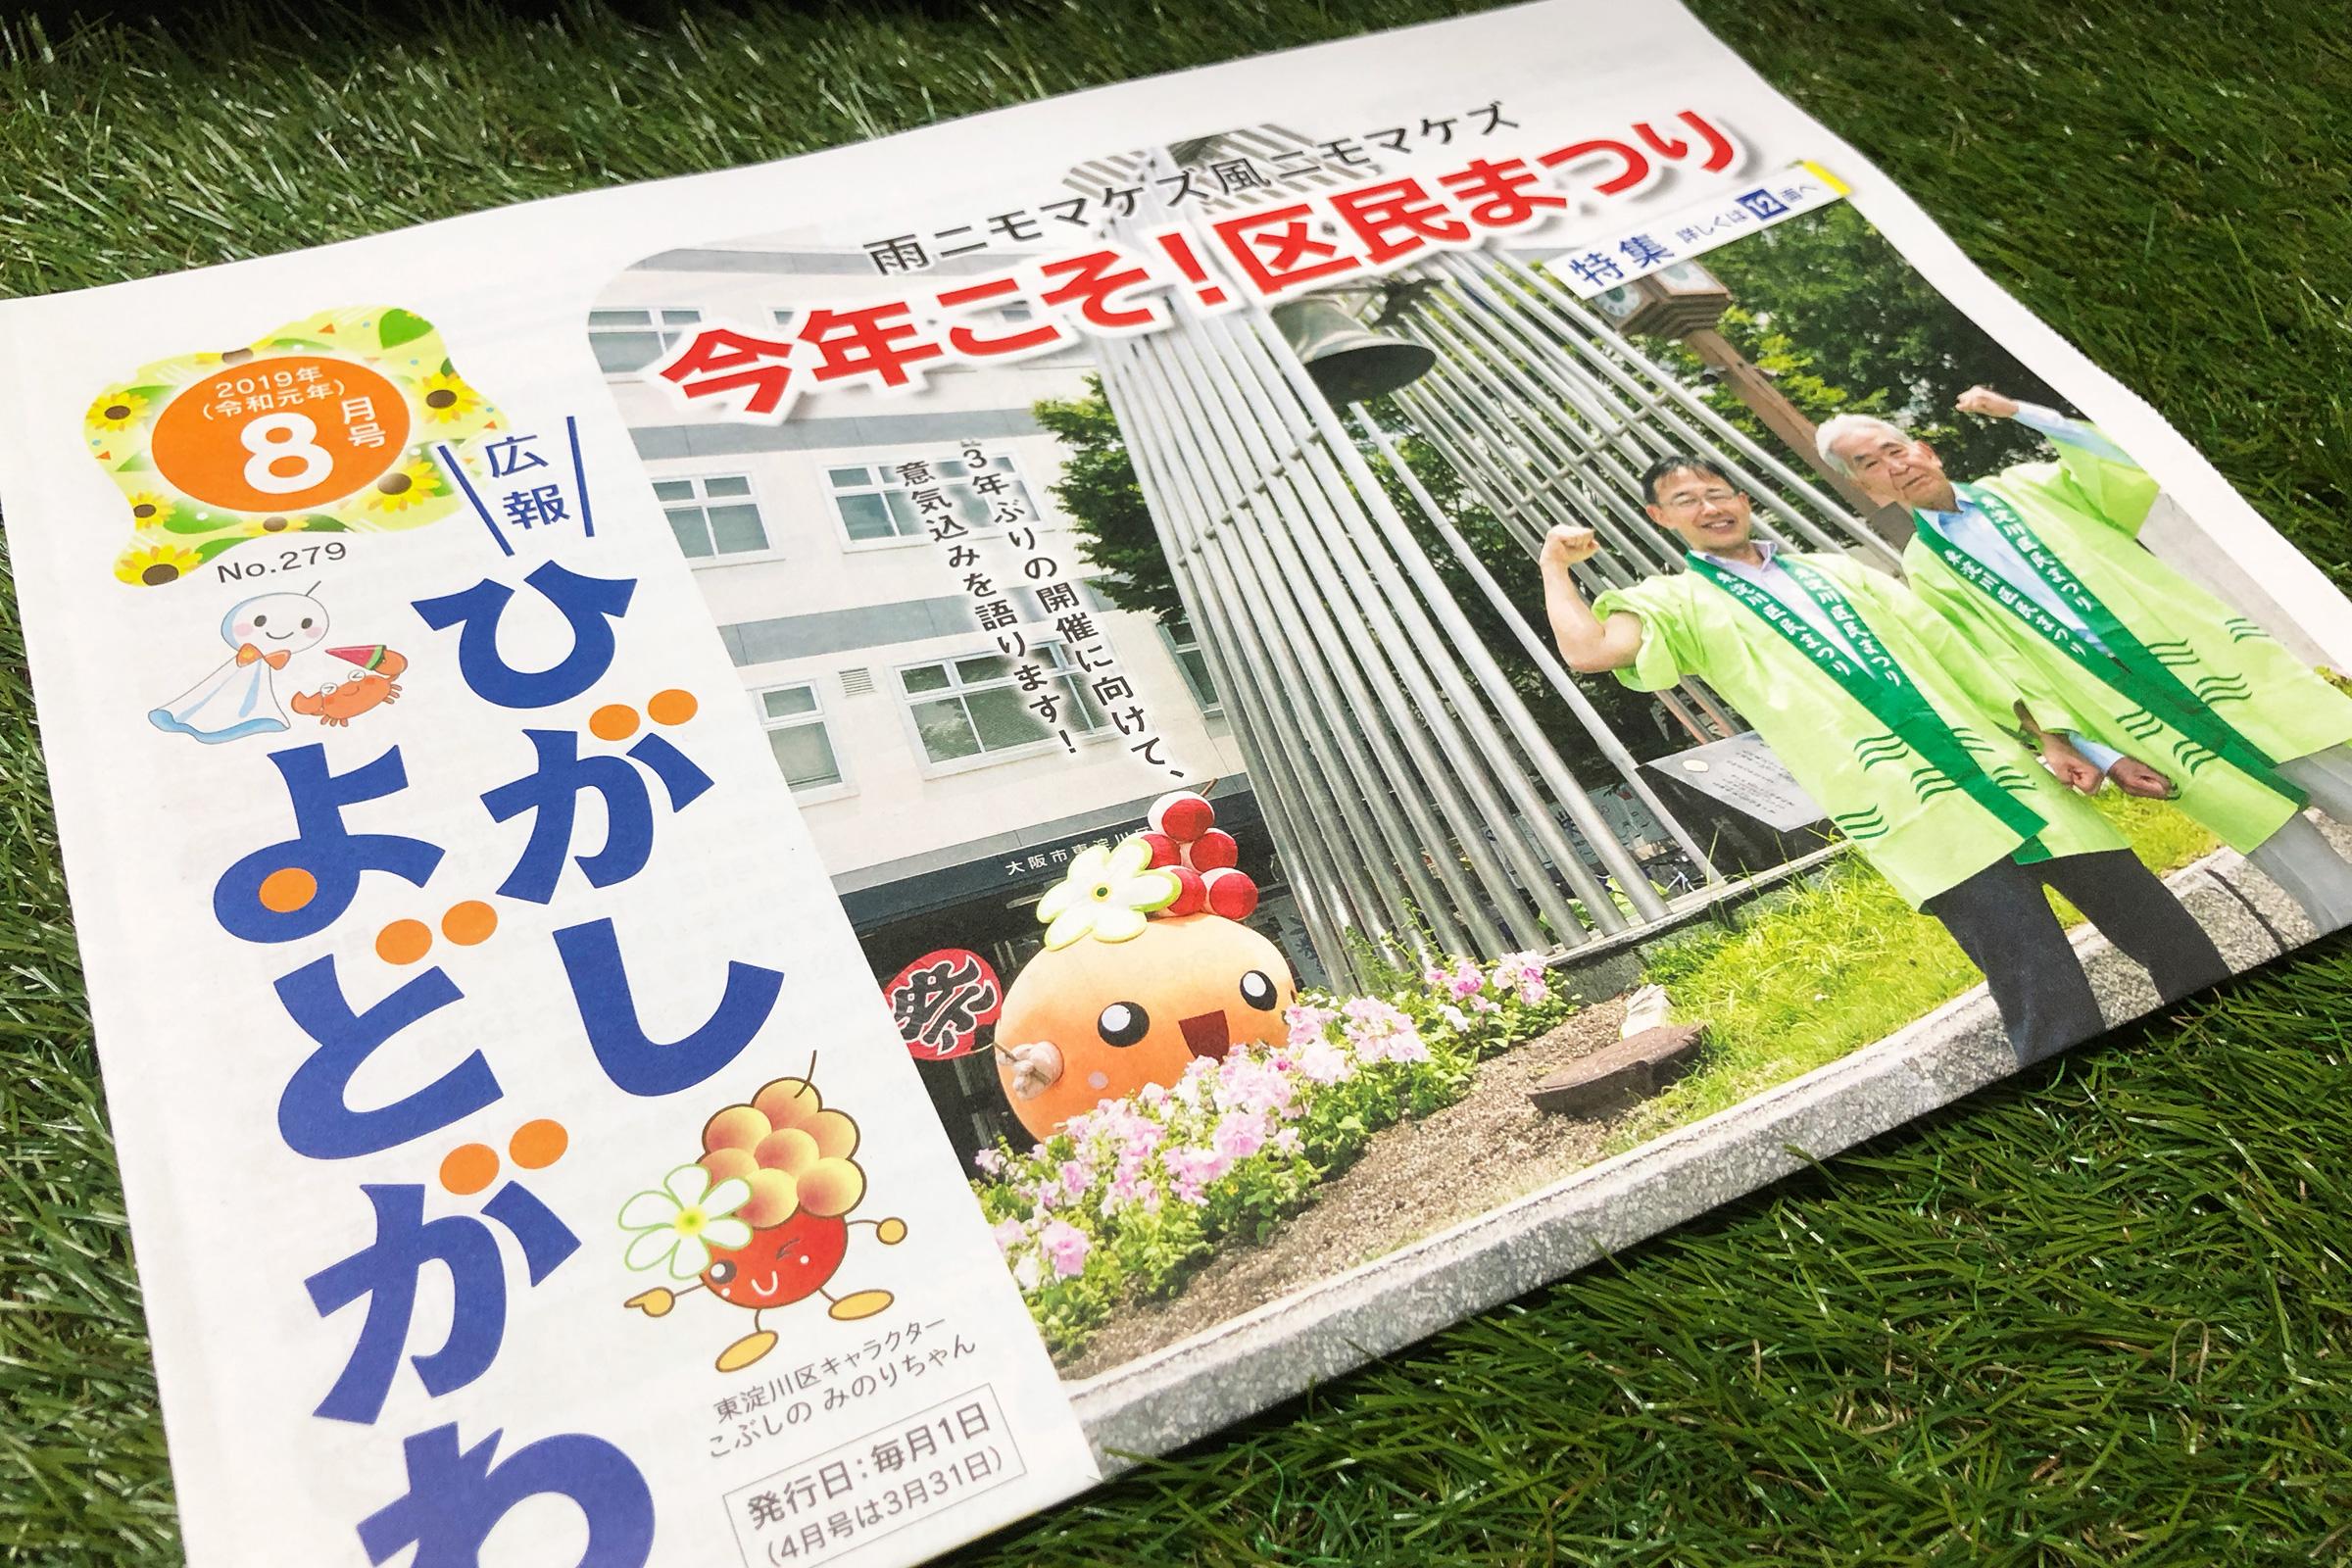 広報ひがしよどがわ・令和元年8月号(大阪市東淀川区)